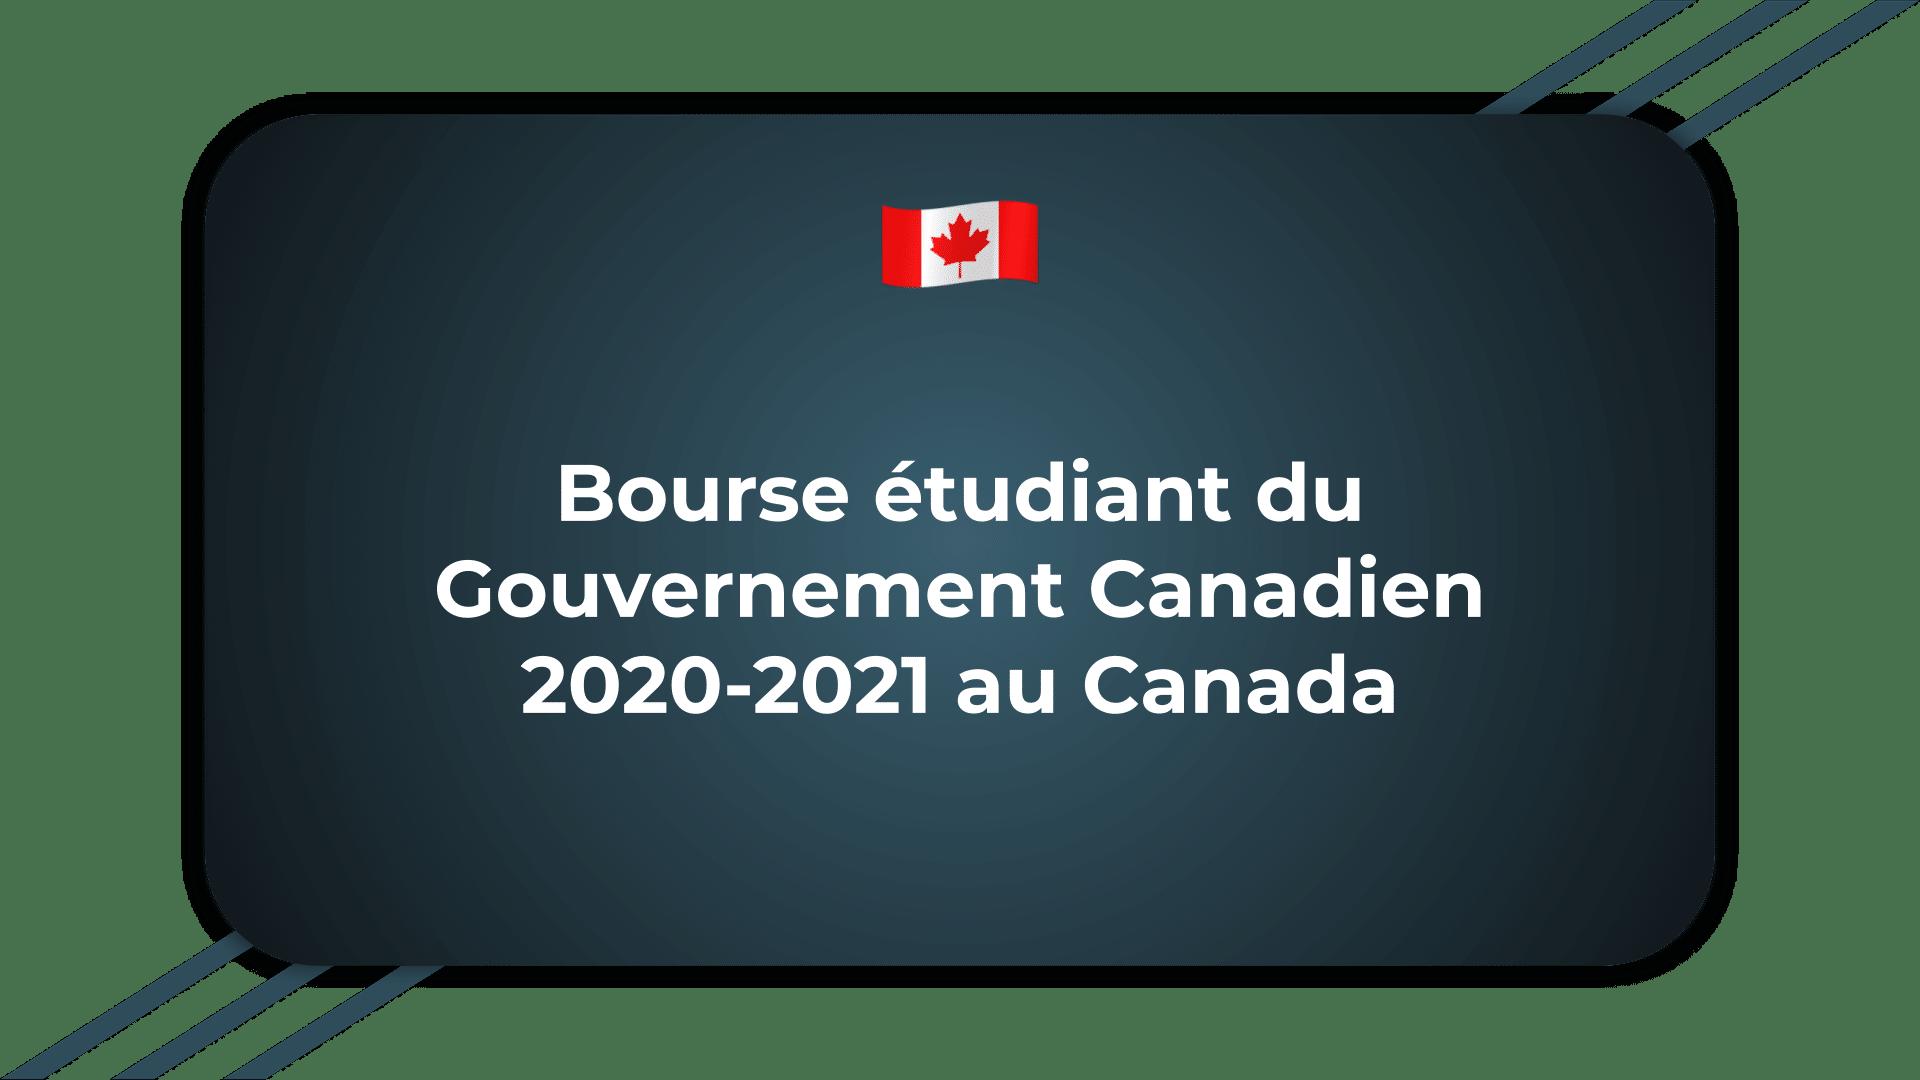 Bourse étudiant du Gouvernement Canadien